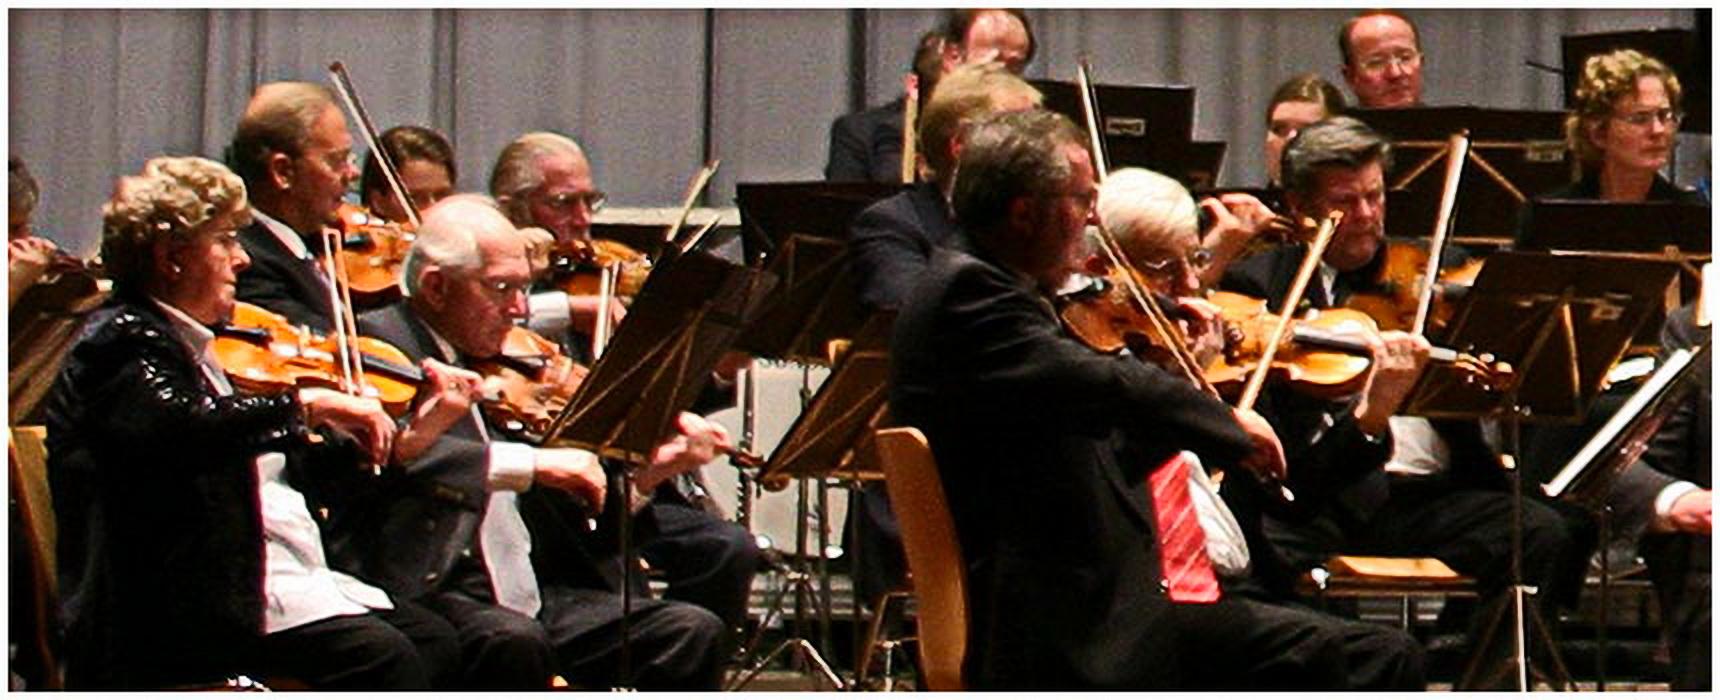 Herbstkonzert des Städt. Orchesters